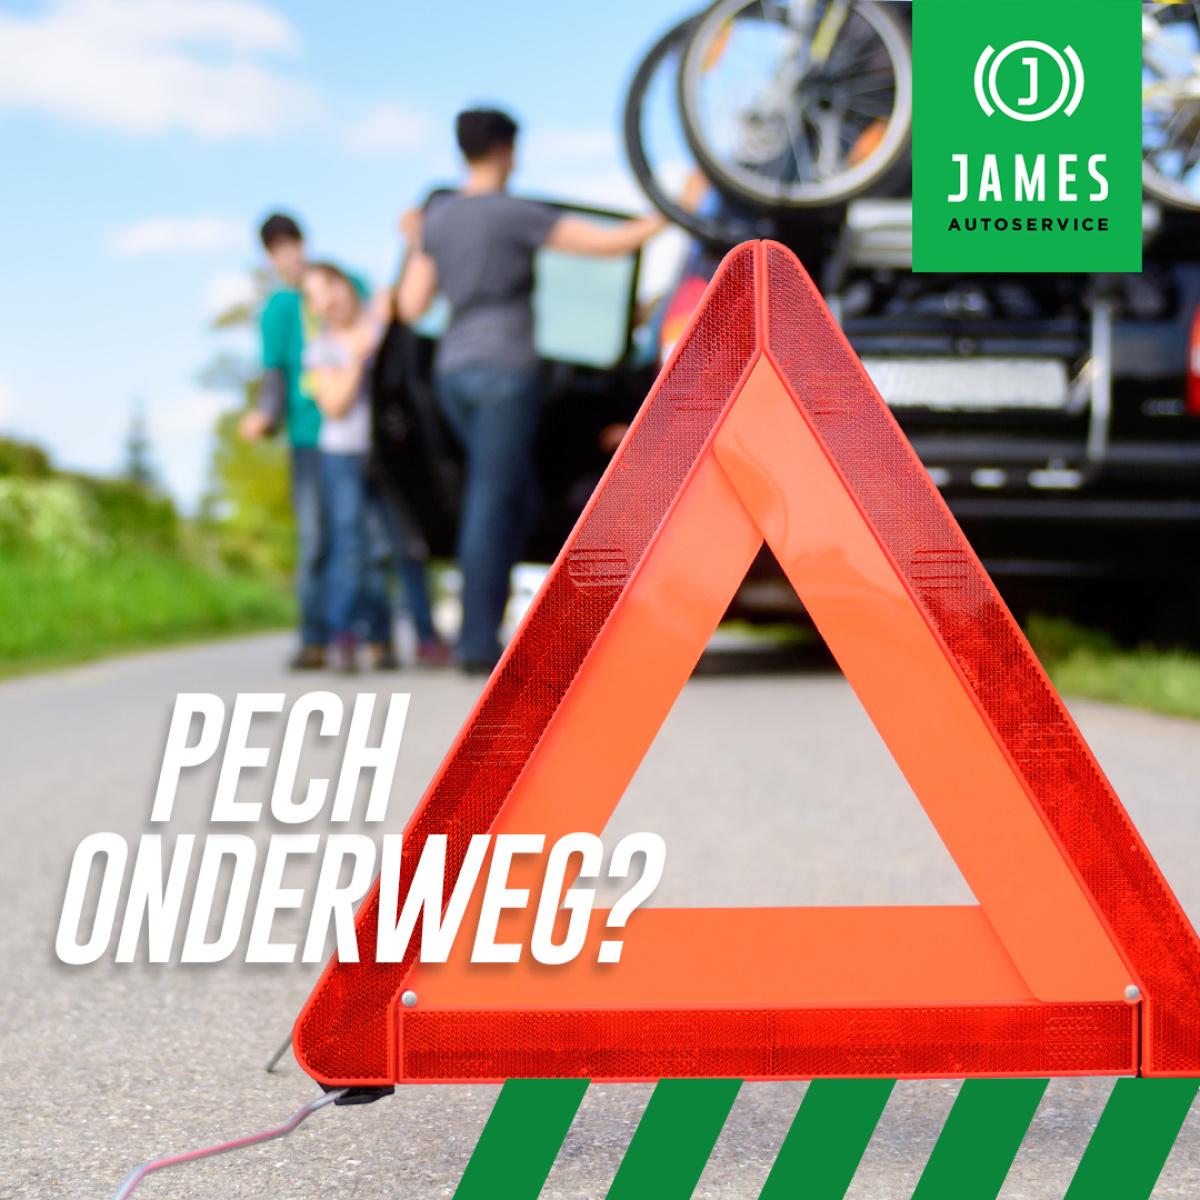 Waarom kiezen voor de ANWB Pechhulp als dit ook bij James Autoservice Ede kan?